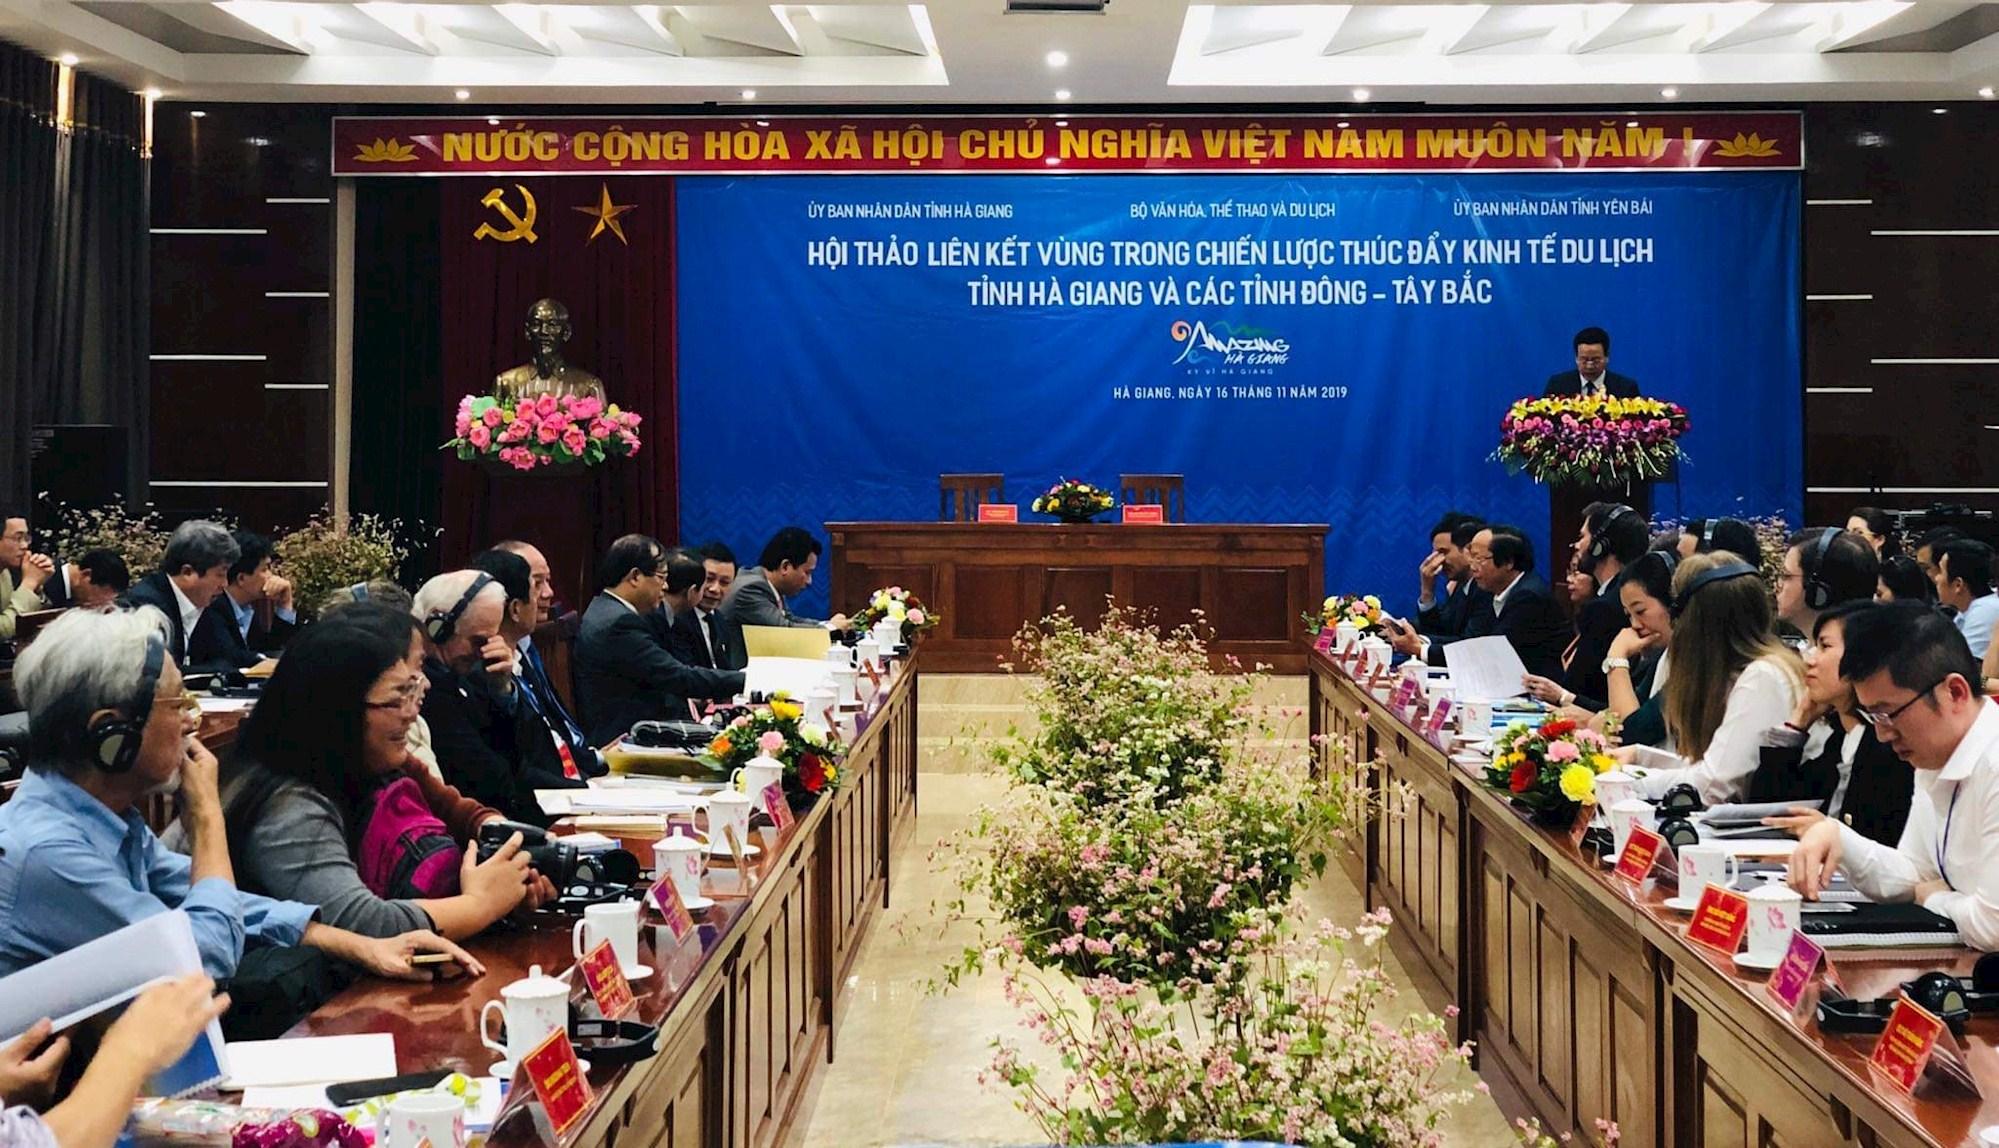 Liên kết phát triển kinh tế du lịch các tỉnh Đông - Tây Bắc